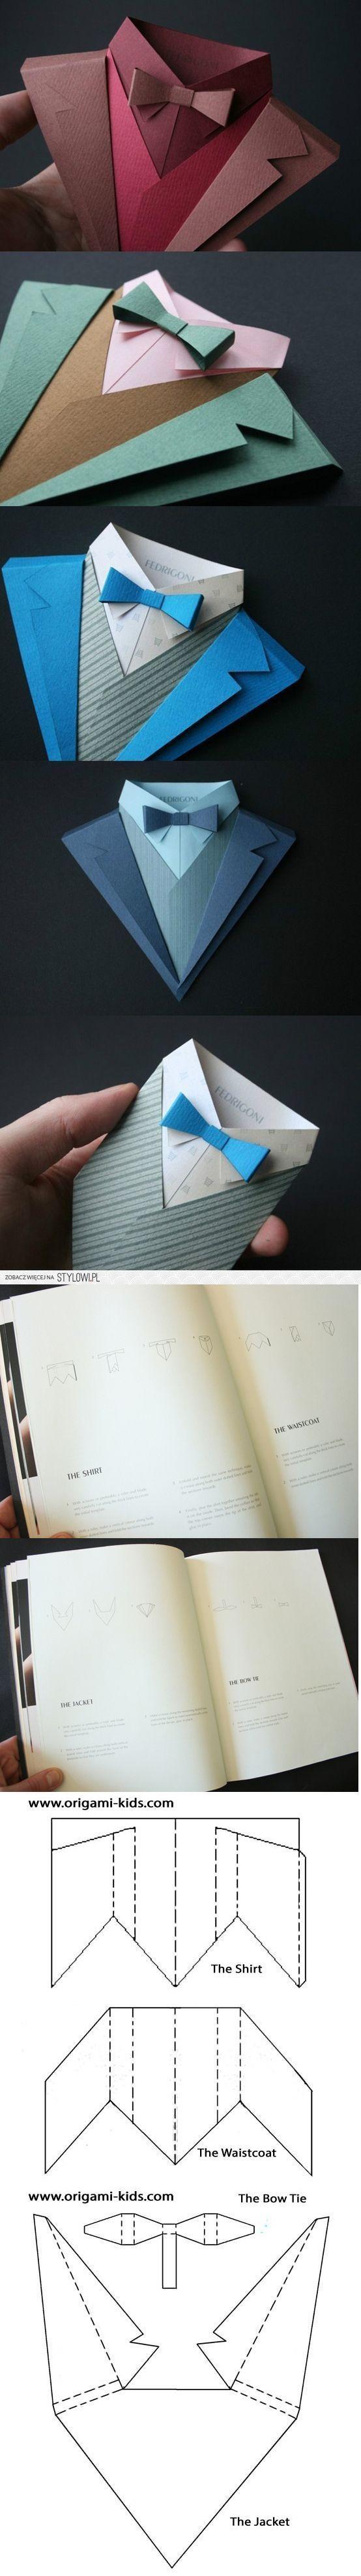 Camisa Fedrigoni - Origami. jonathan-shackleton::